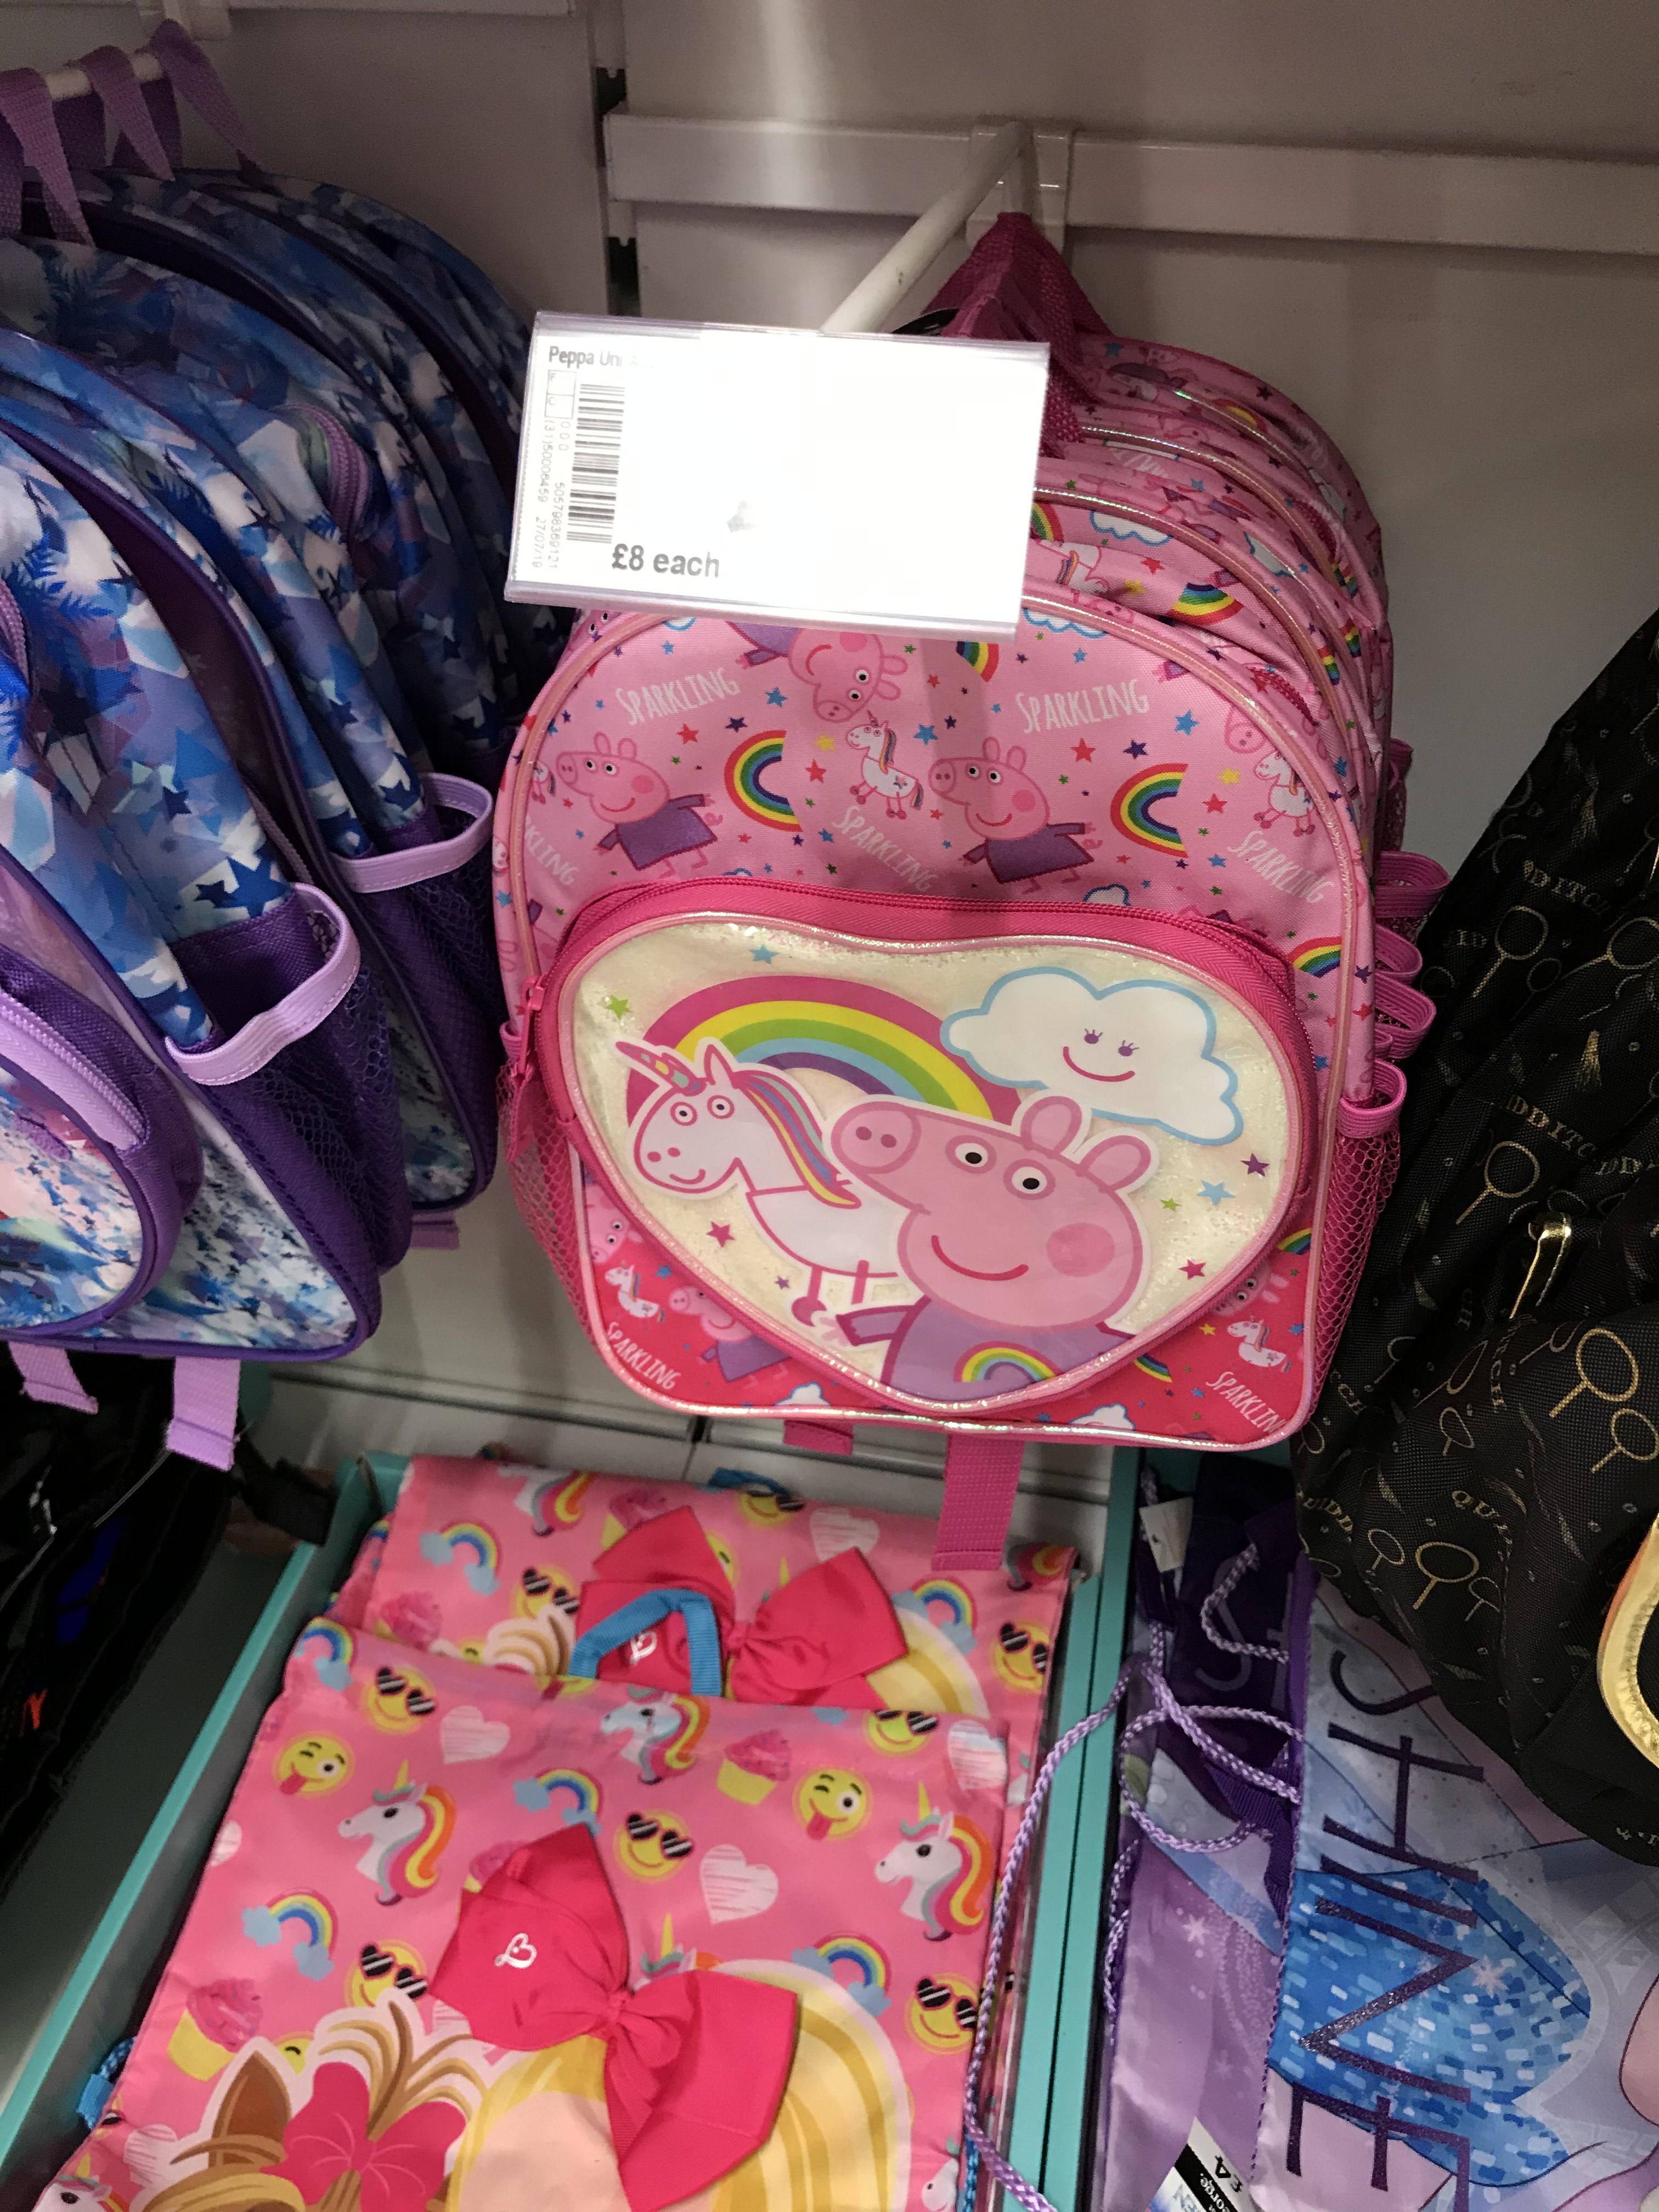 Peppa Pig Backpack Scanning at £4 Marked up £8 Asda Cwmbran